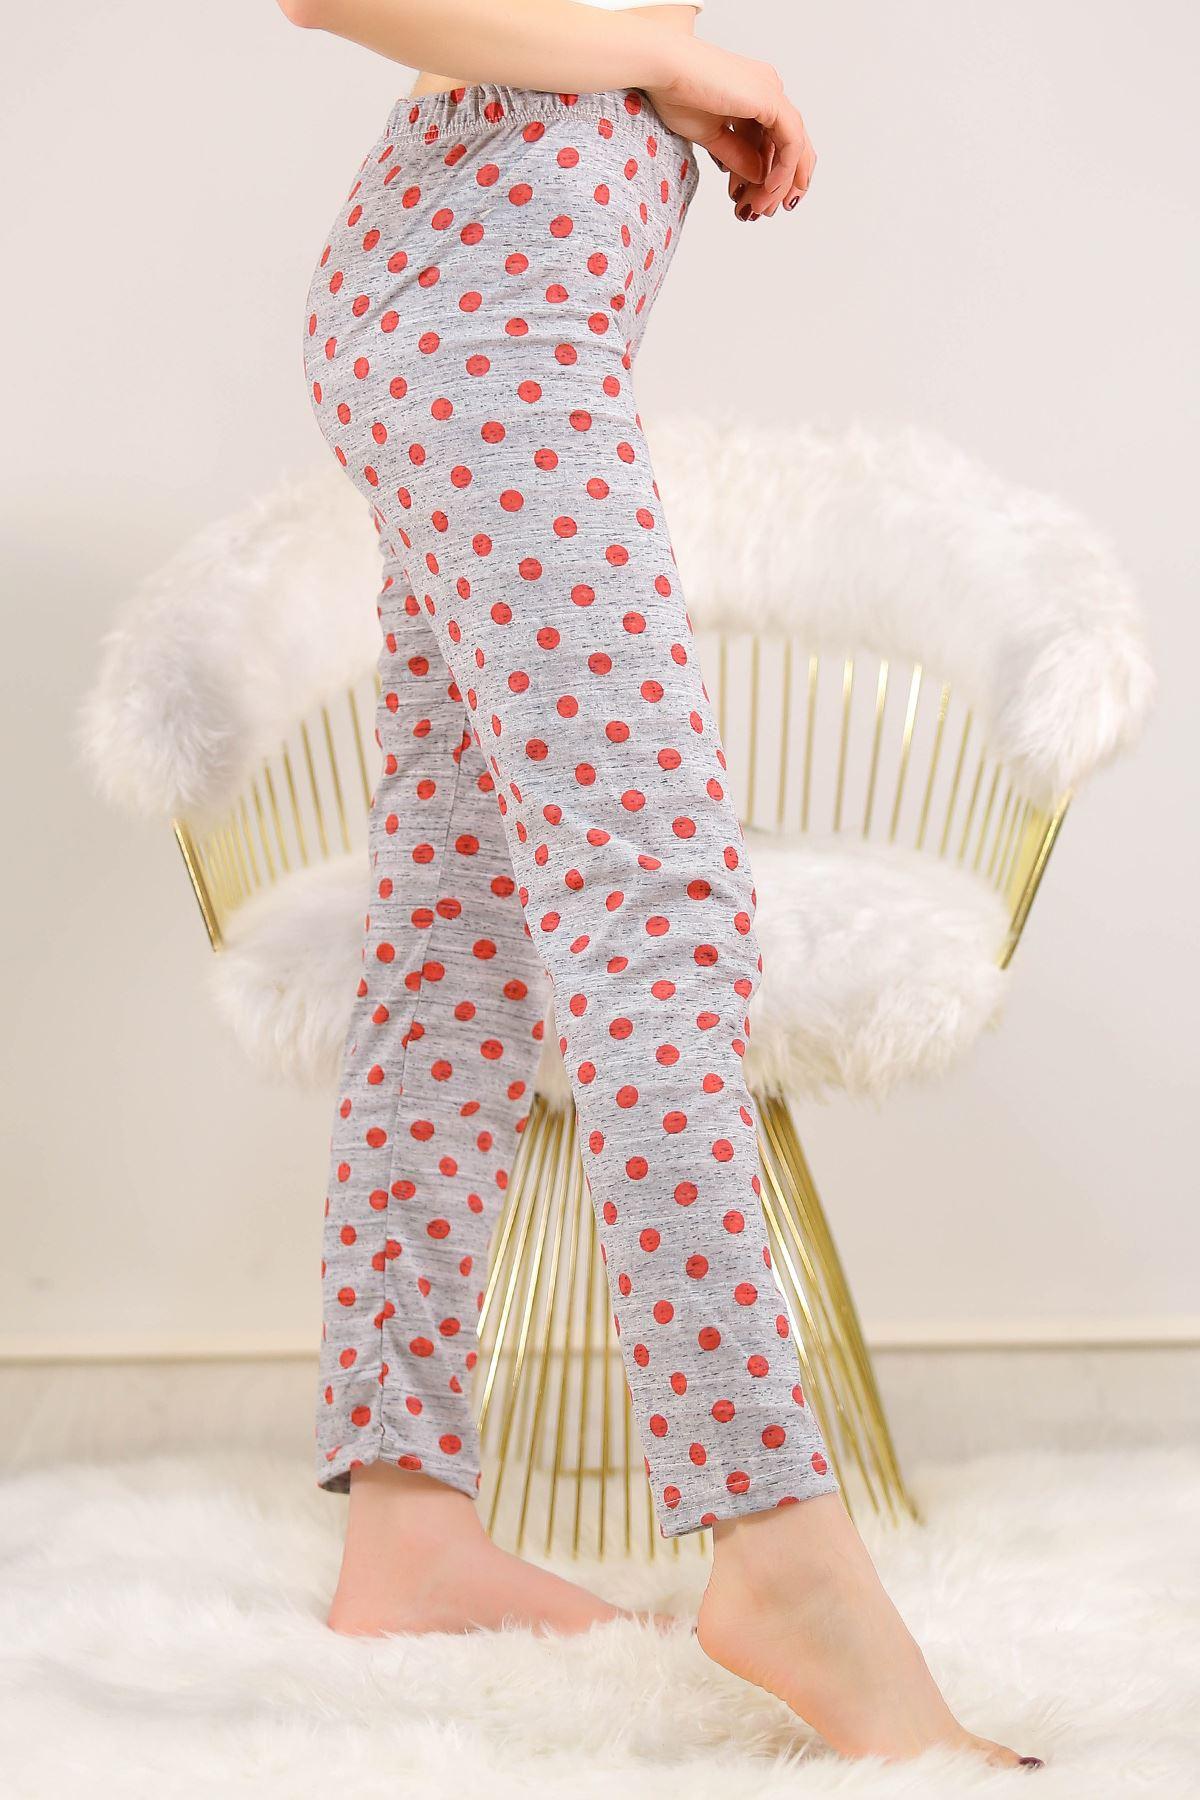 Desenli Pijama Altı Kırmızıpuanlı - 5220.1348.